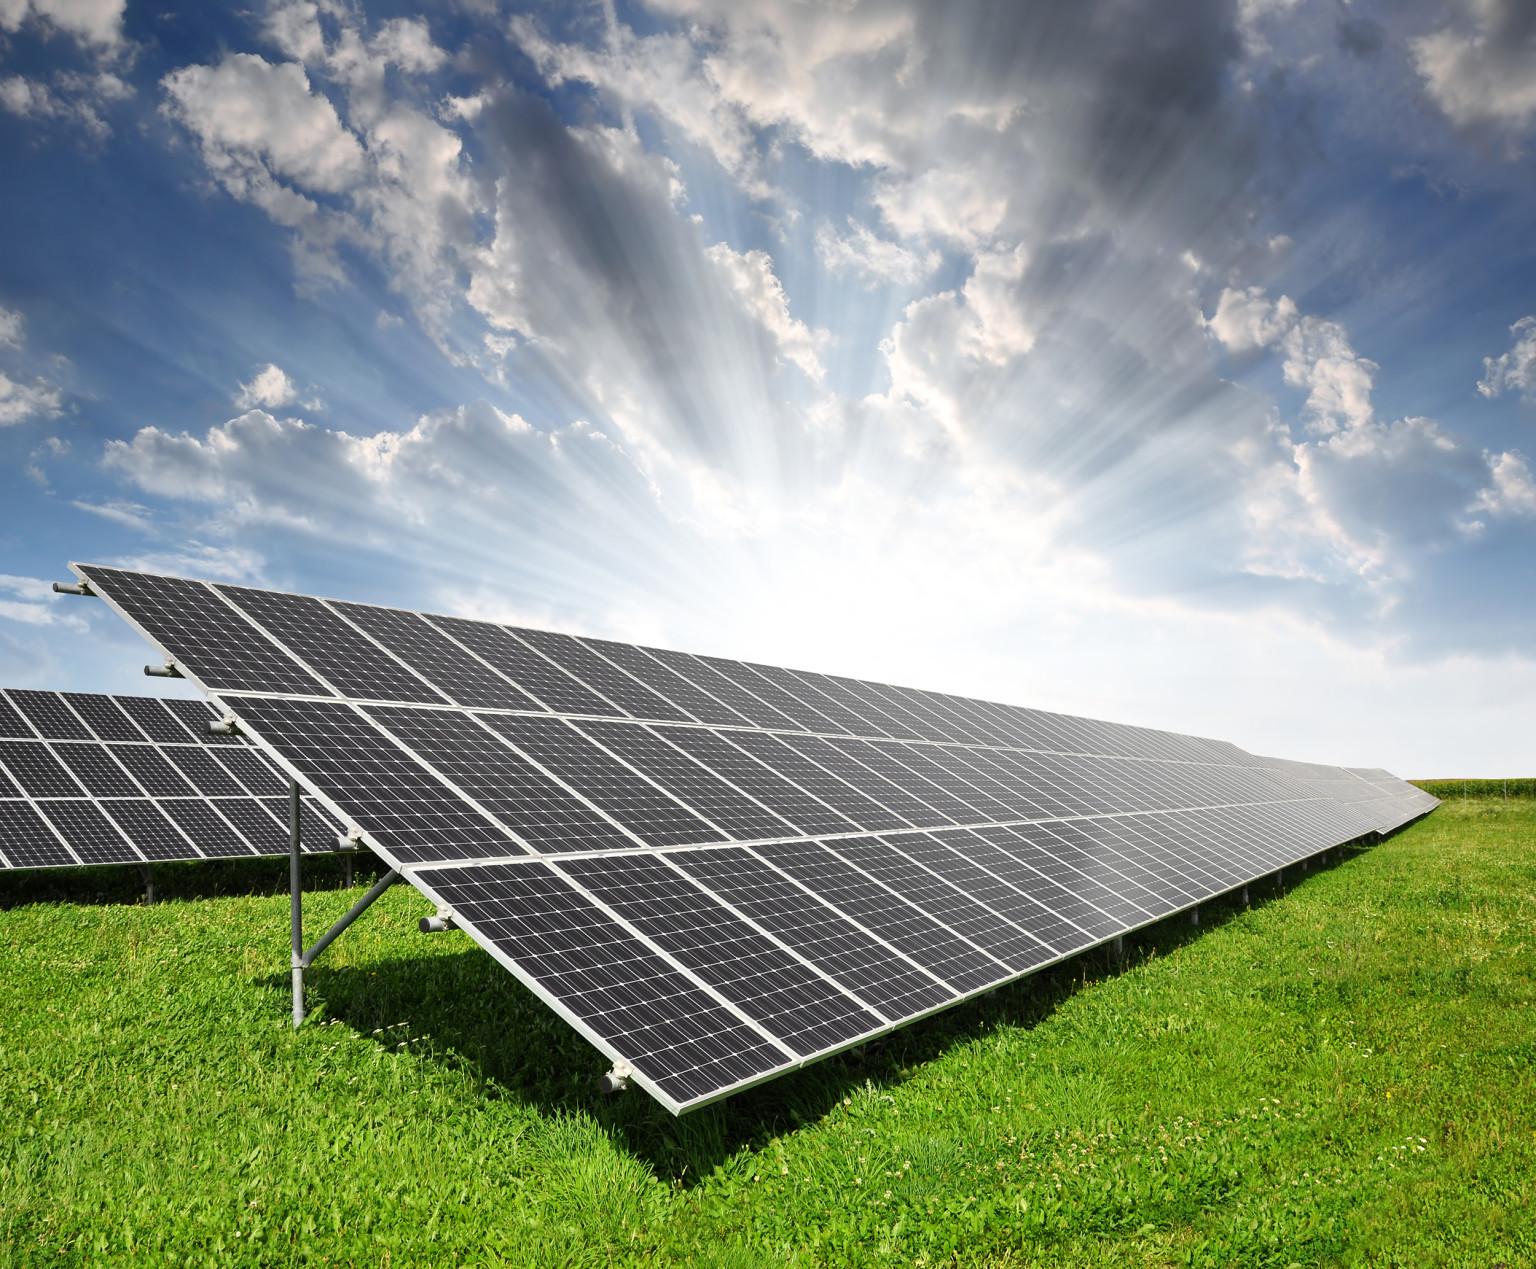 Morgan Solar The Canadian Solar Company With A Sunny